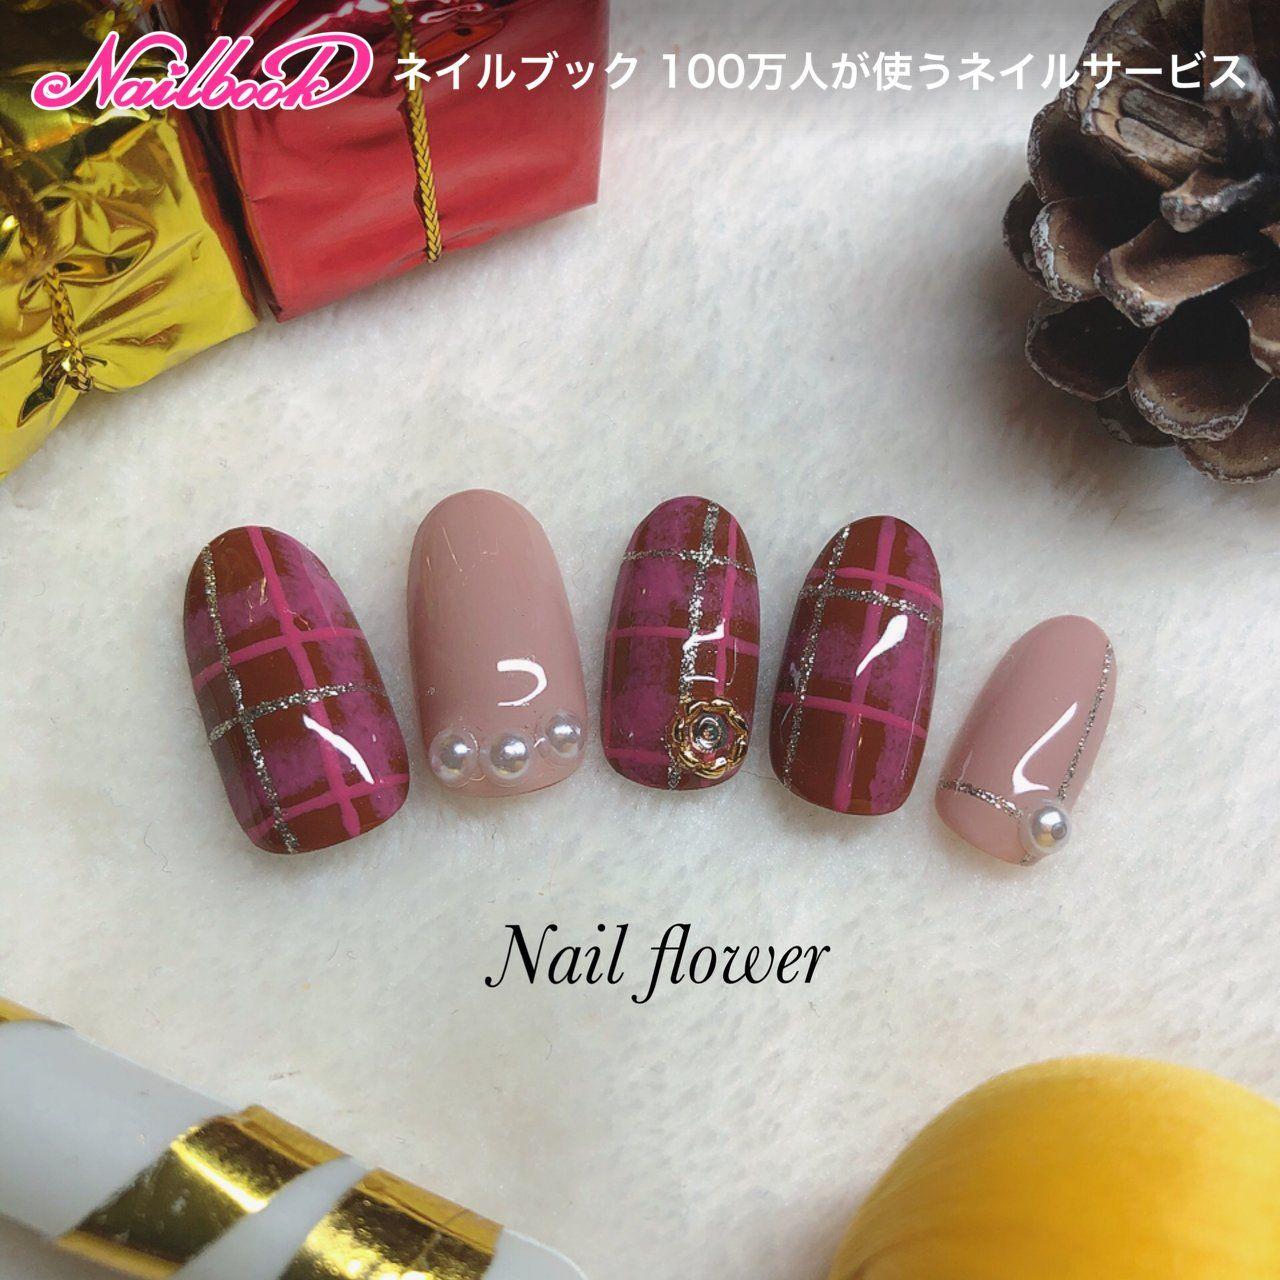 秋/冬/パーティー/女子会/ハンド , ☆nail flower☆ネイル